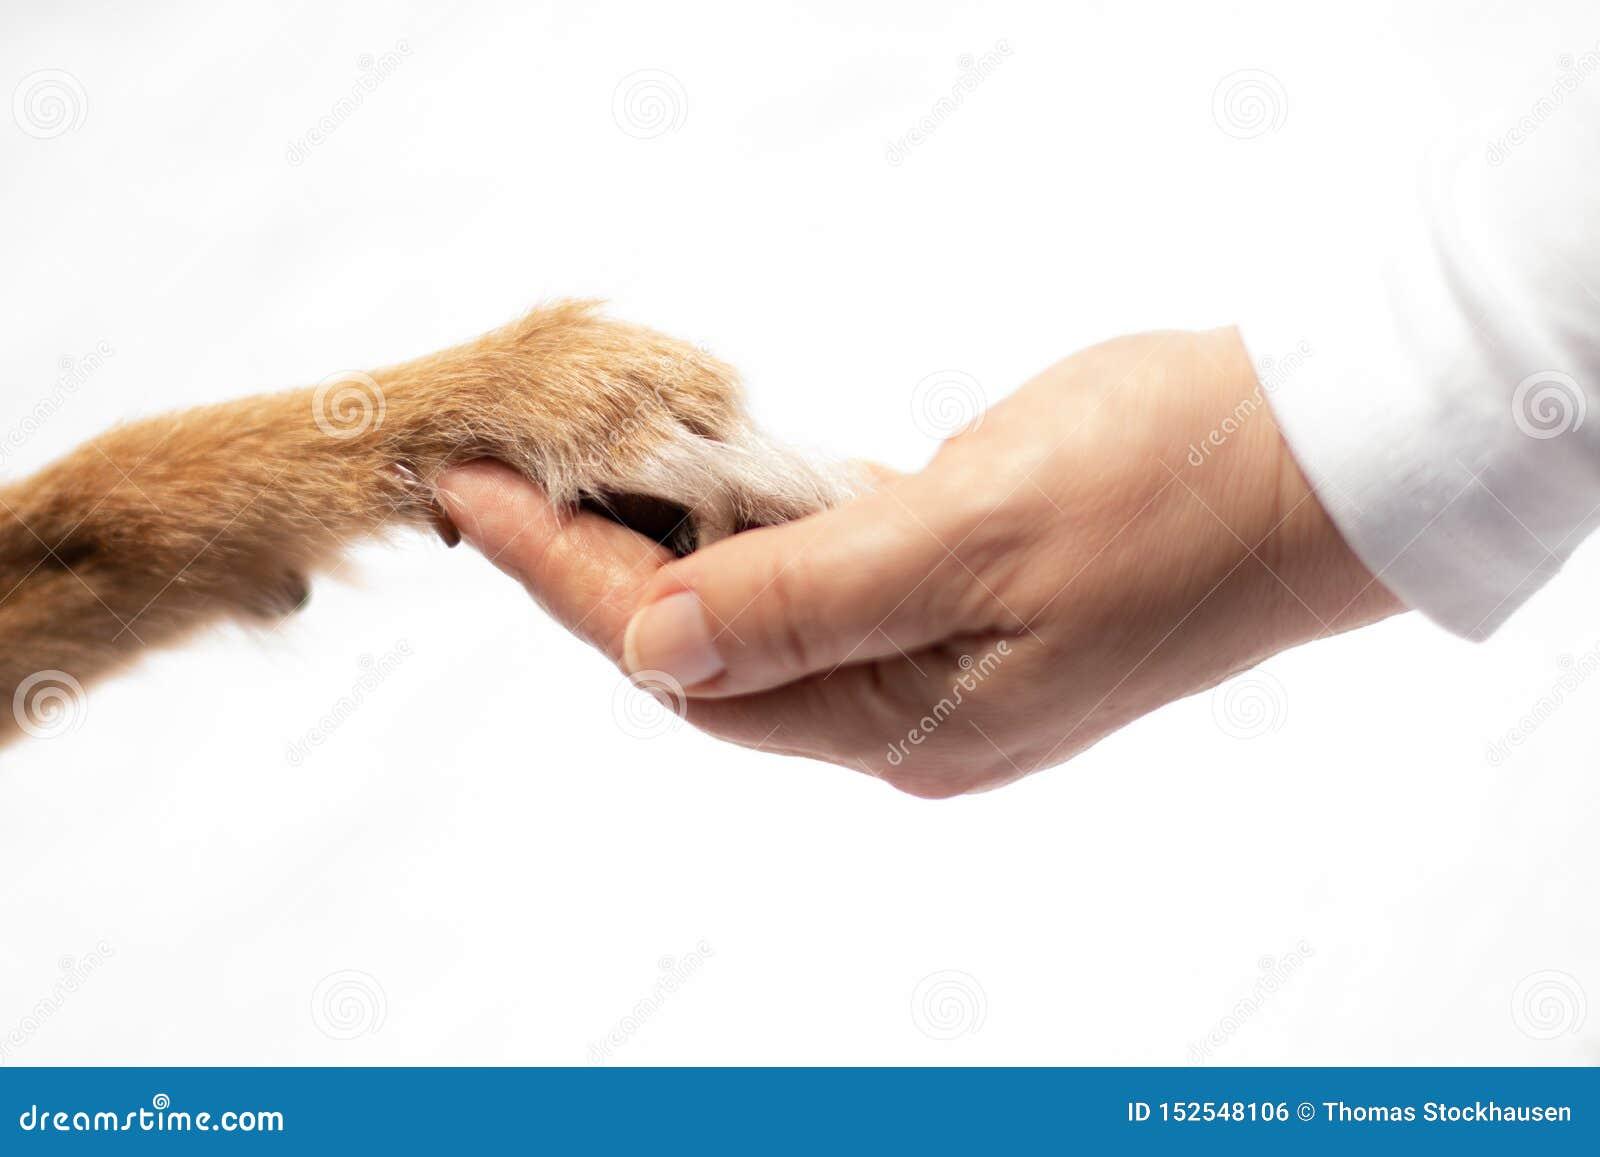 Hunden tafsar den mänskliga handen för handlag